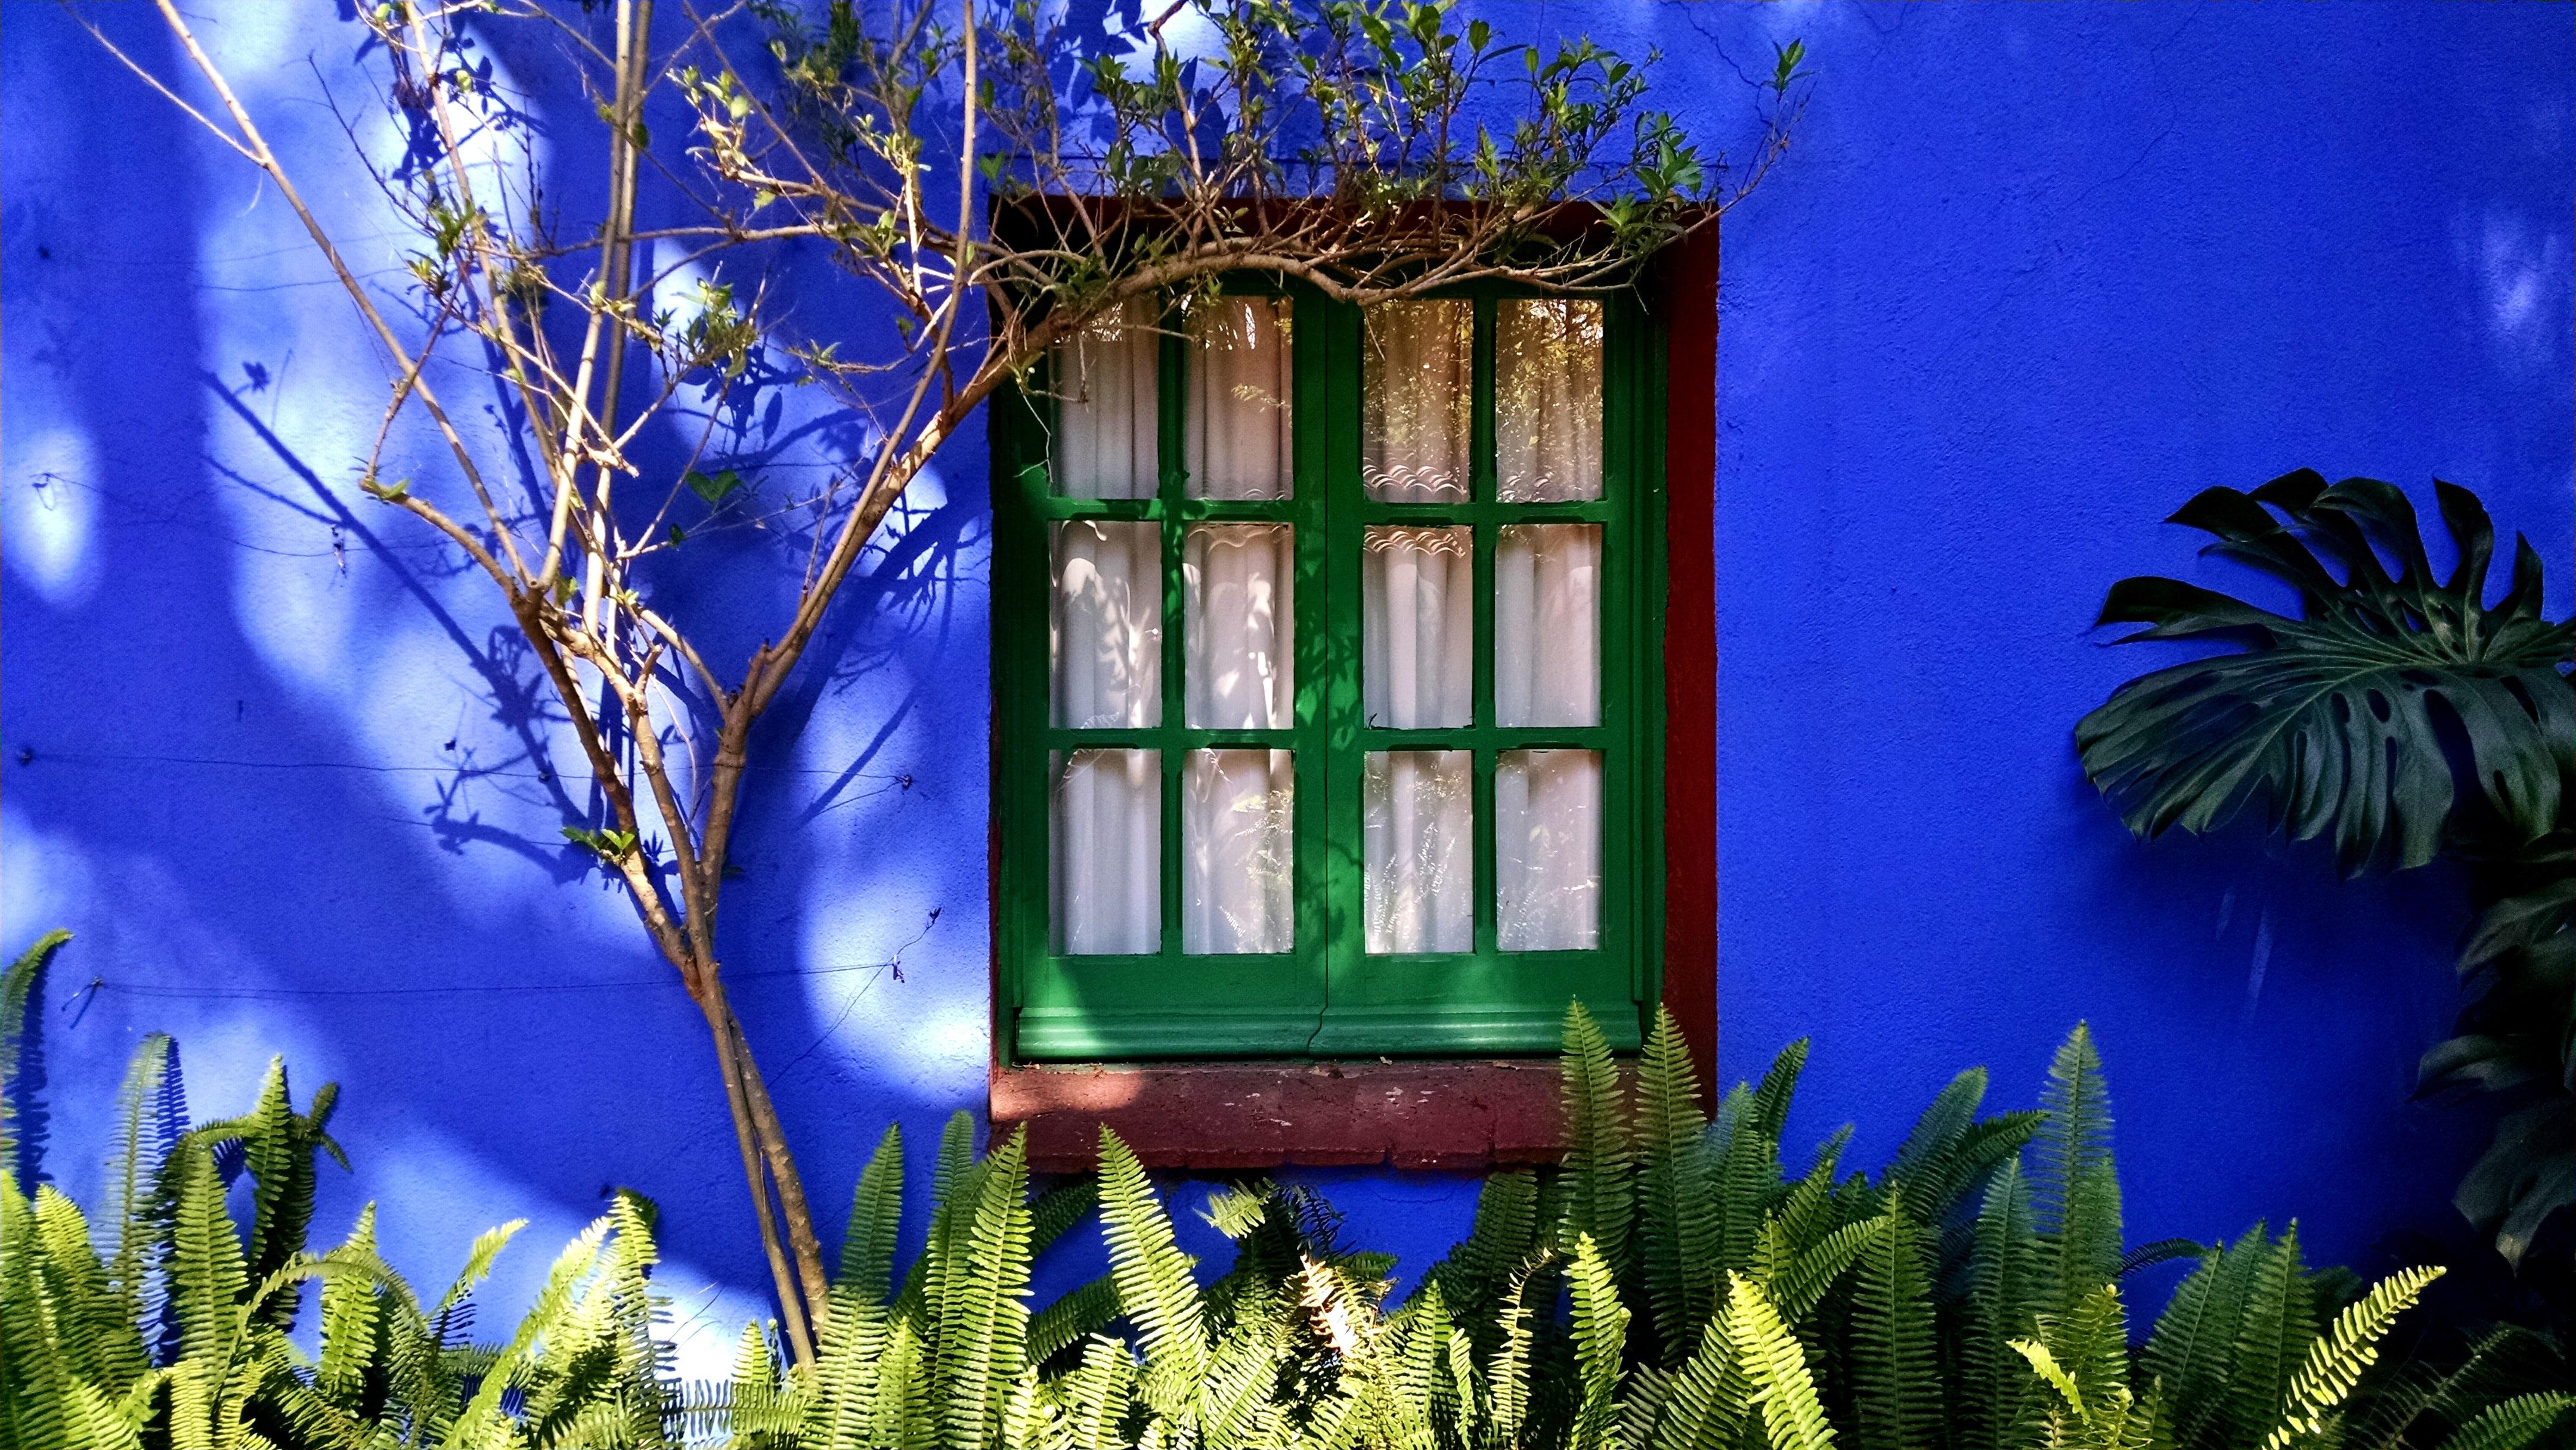 Museo Frida Kahlo | © Kyle Magnuson/Flickr